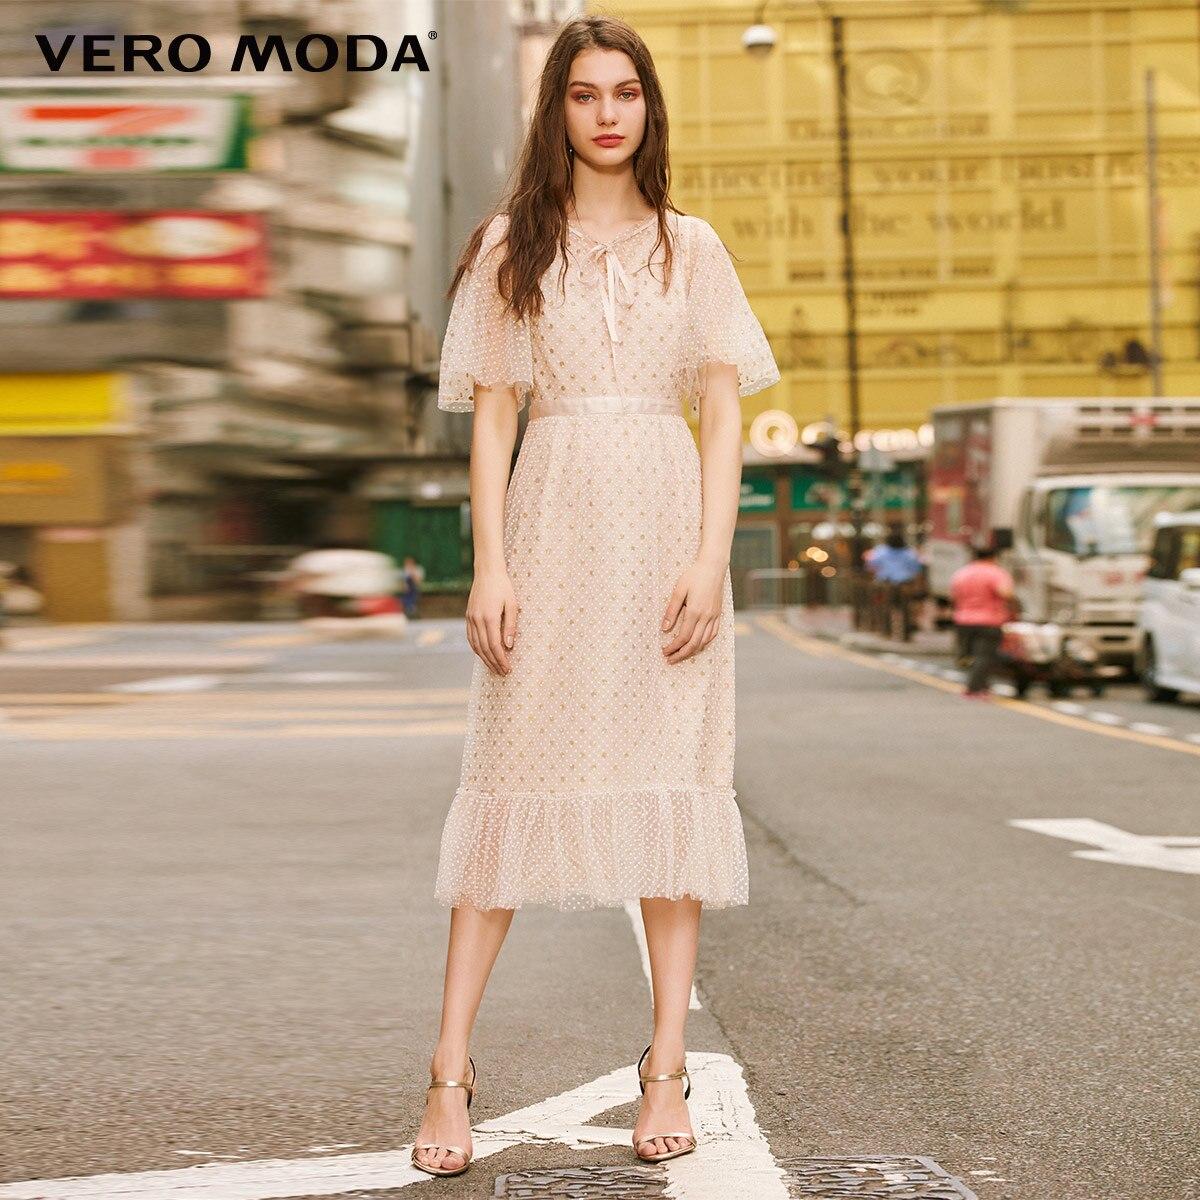 Vero moda feminino 2019 vintage reunindo bolinhas vestido gausy atado | 31916z509